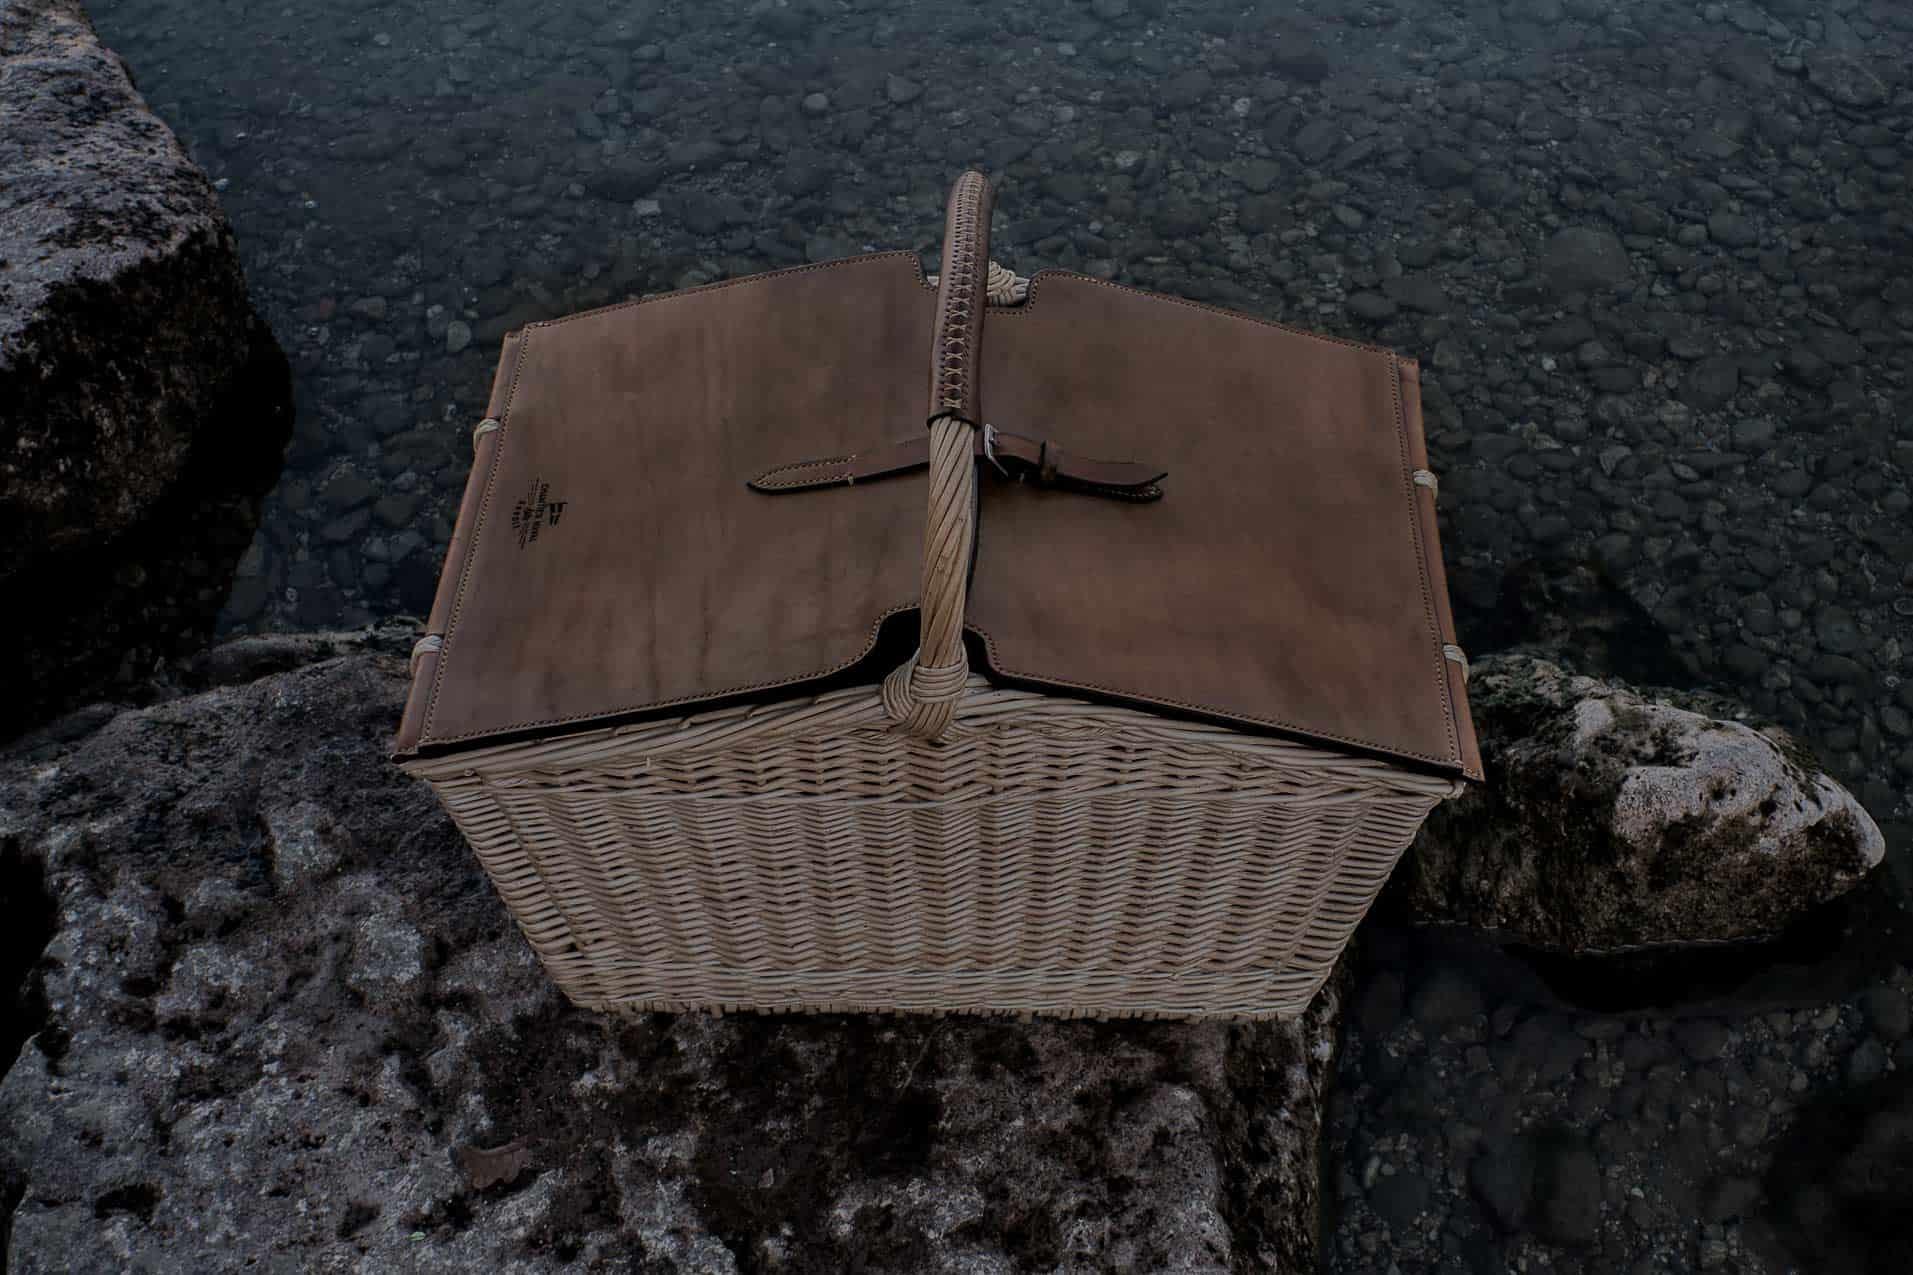 panier pique-nique, pour la chasse le golf, les parties de campagne... Panier pique-nique Épicure fait main de fabrication Française, made in France